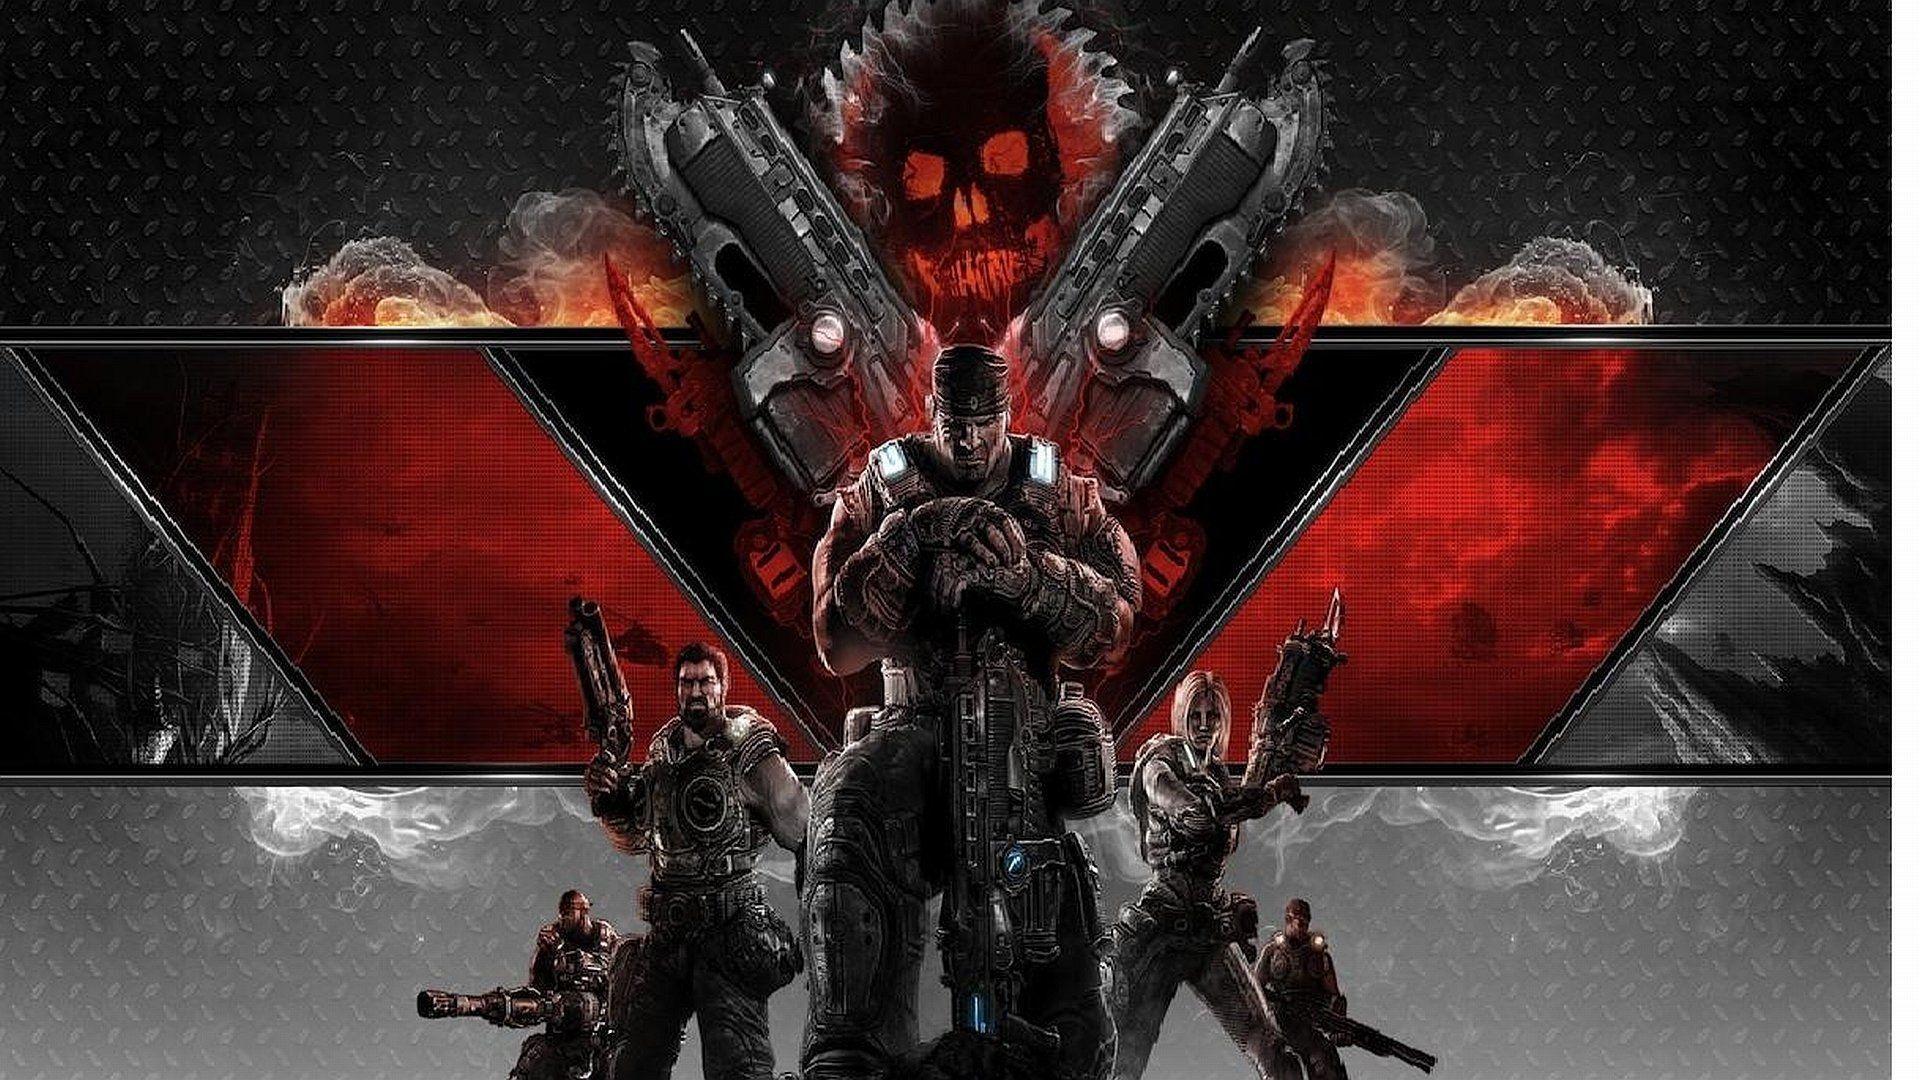 Gears Of War 5 Wallpapers Wallpaper Cave